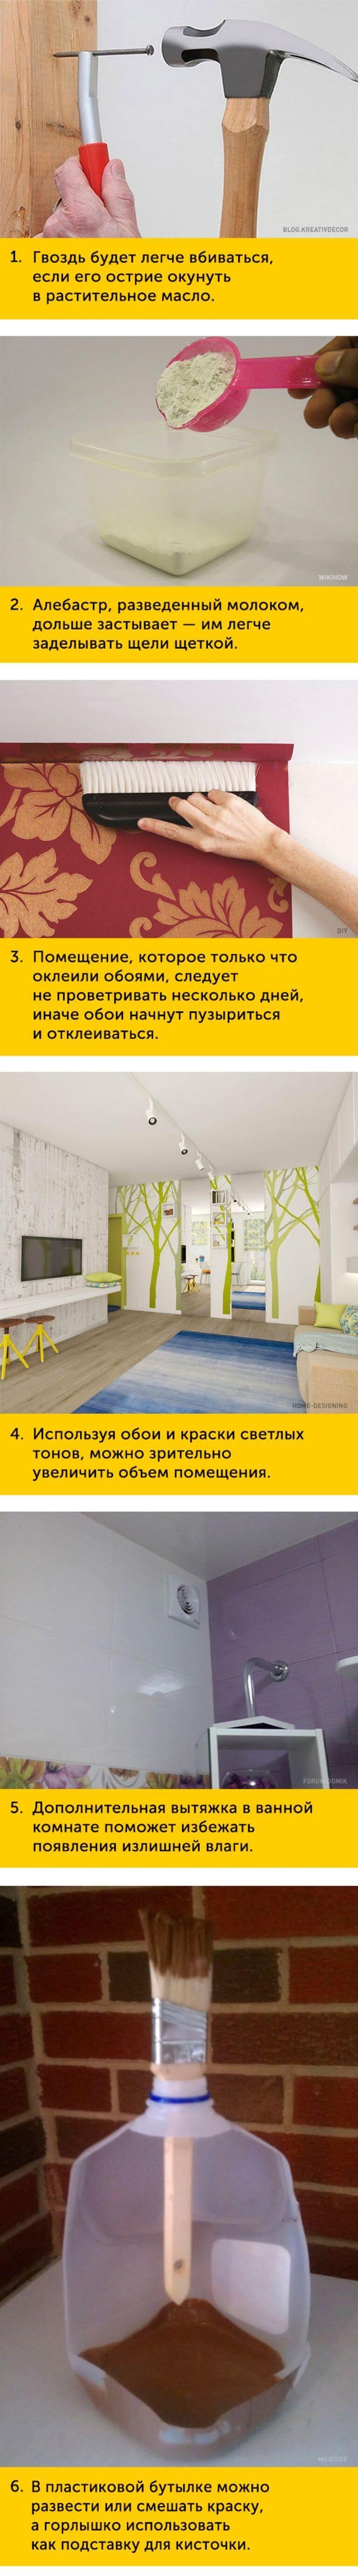 Полезные советы: Ремонт квартиры